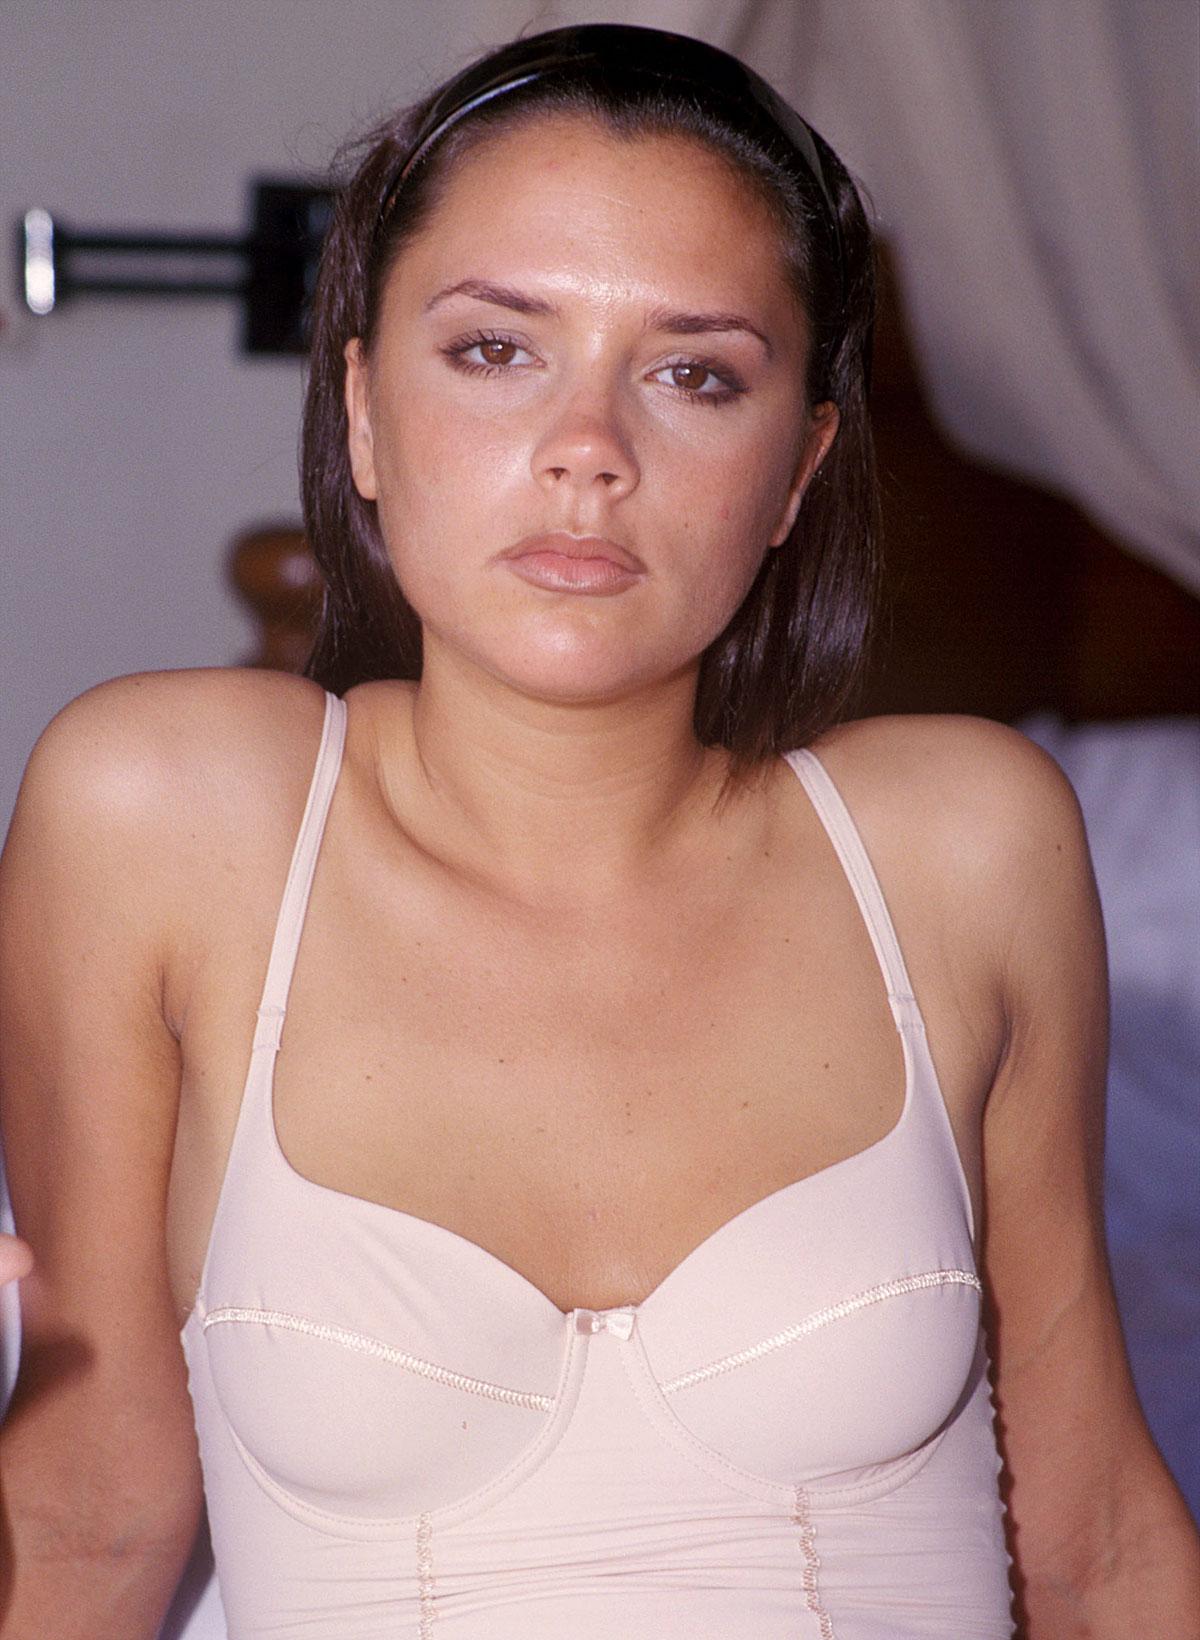 foto Victoria beckham boobs